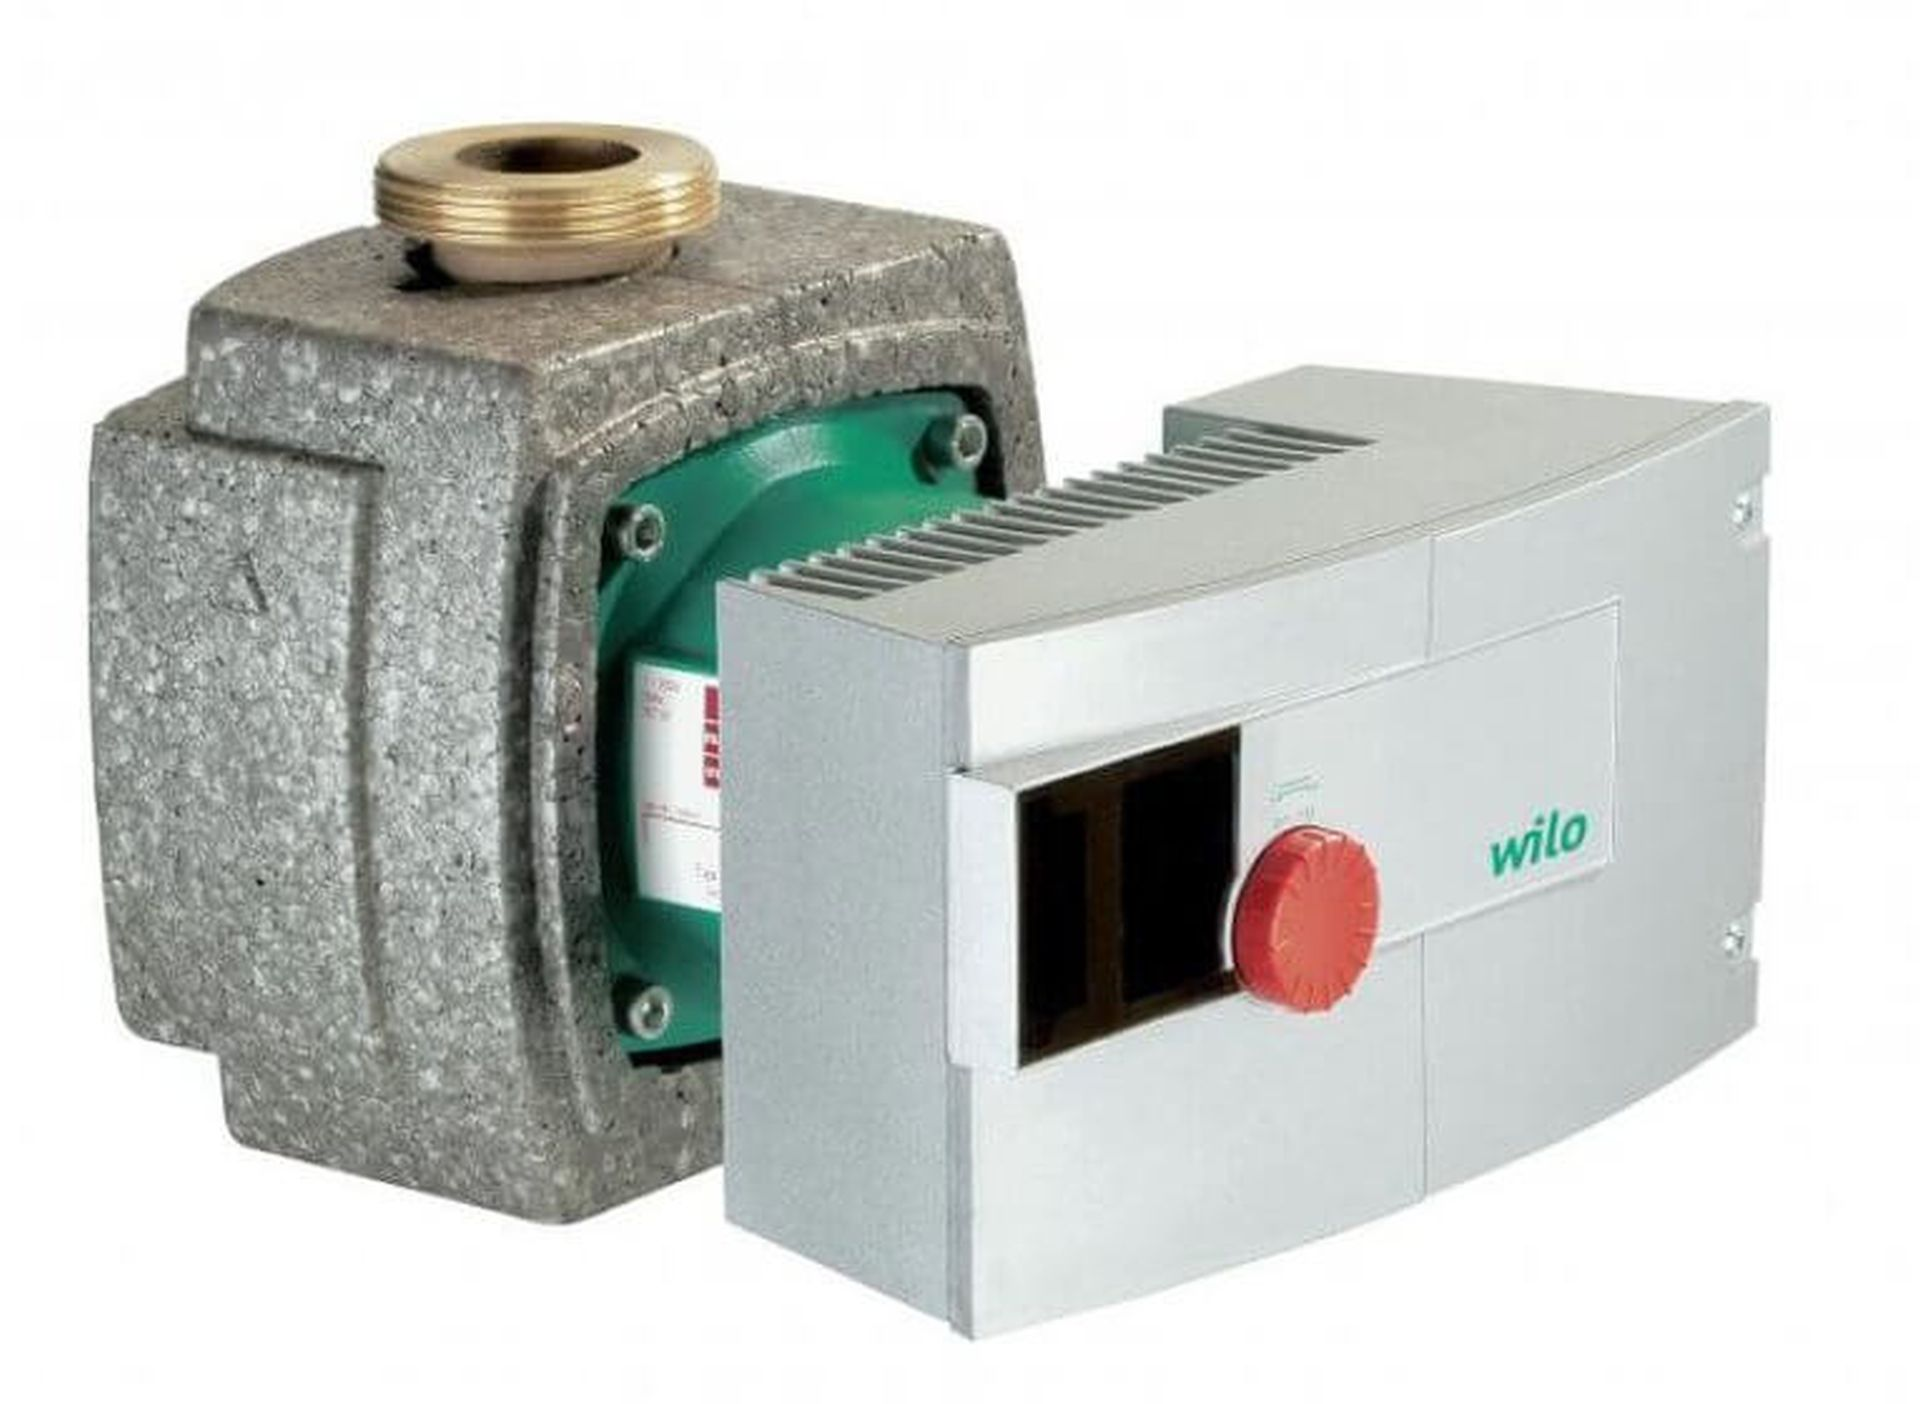 WILO Stratos-Z 30/1-12 PN16 cirkulační čerpadlo 2063403